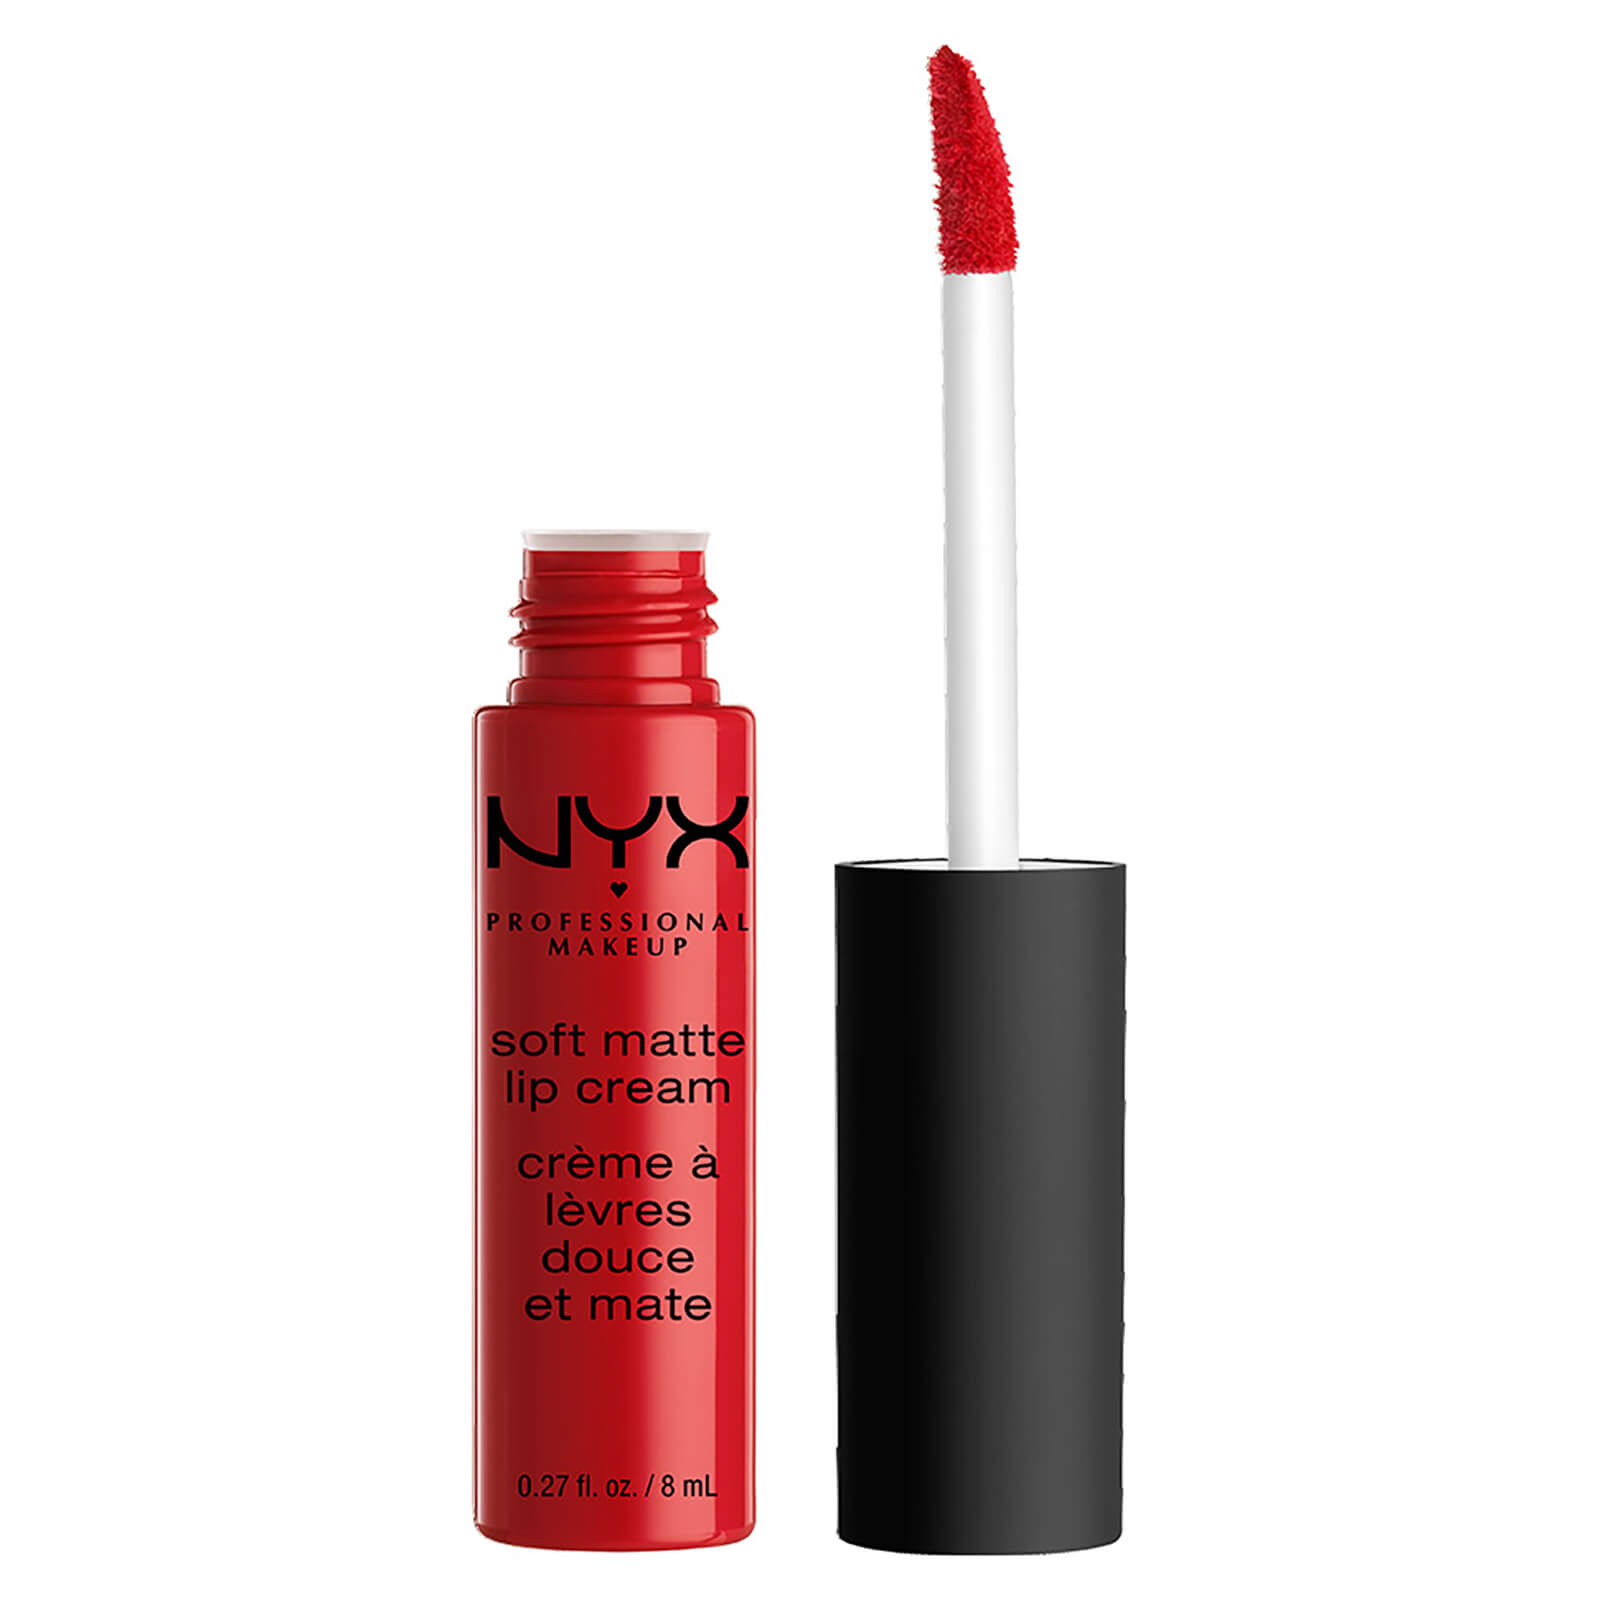 Купить Матовая жидкая помада NYX Professional Makeup Soft Matte Lip Cream (разные оттенки) - Amsterdam